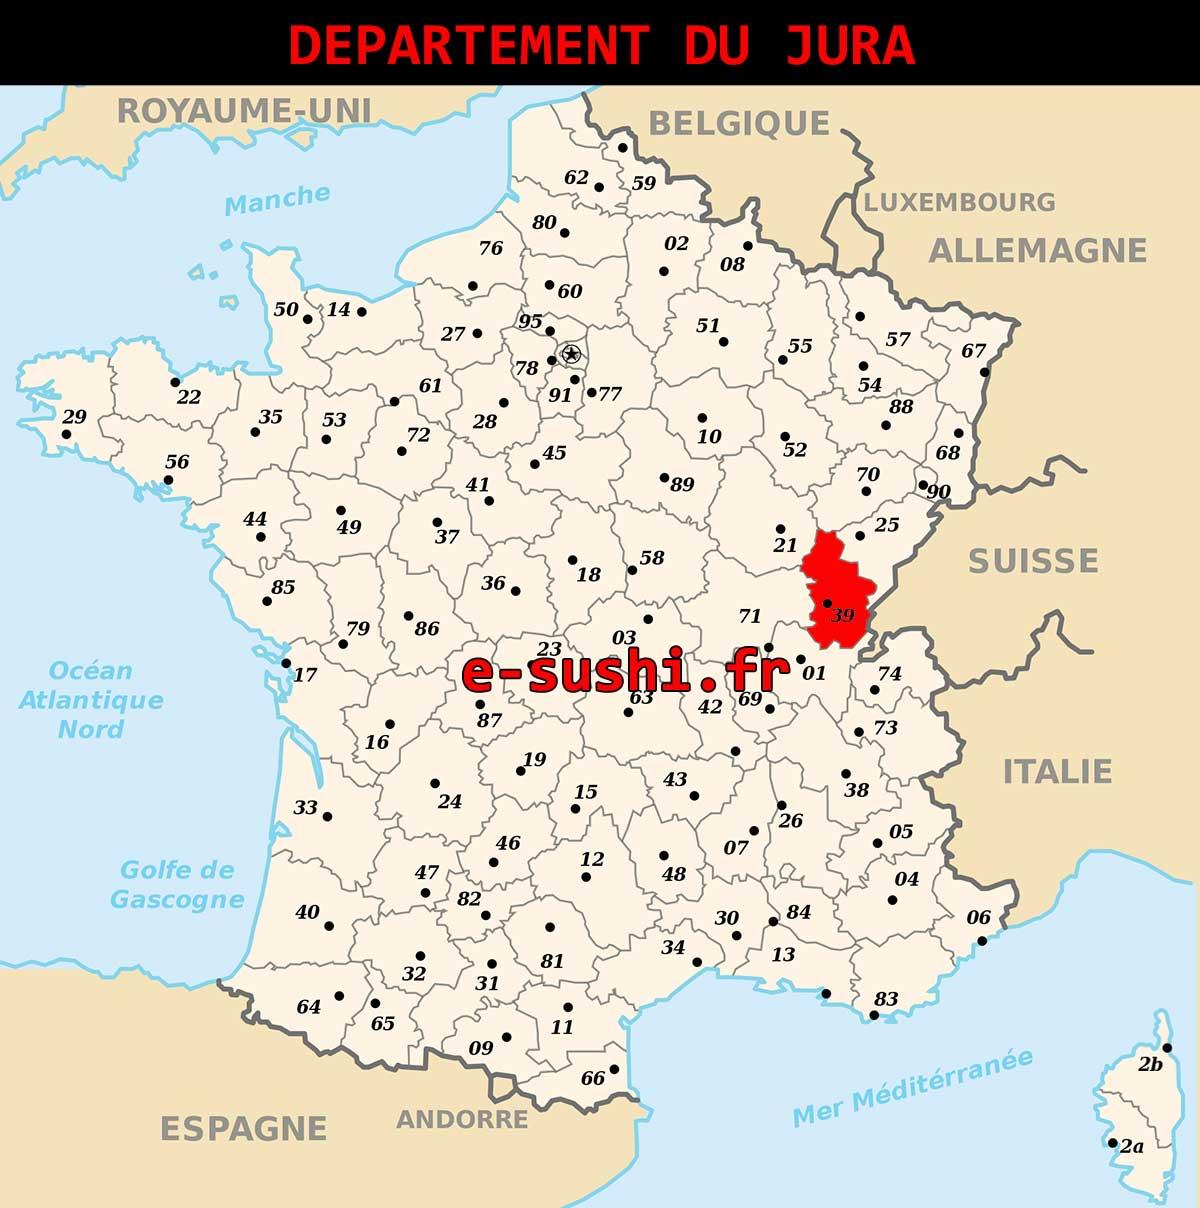 Carte - Département Jura - Arts Et Voyages avec Carte Numero Departement